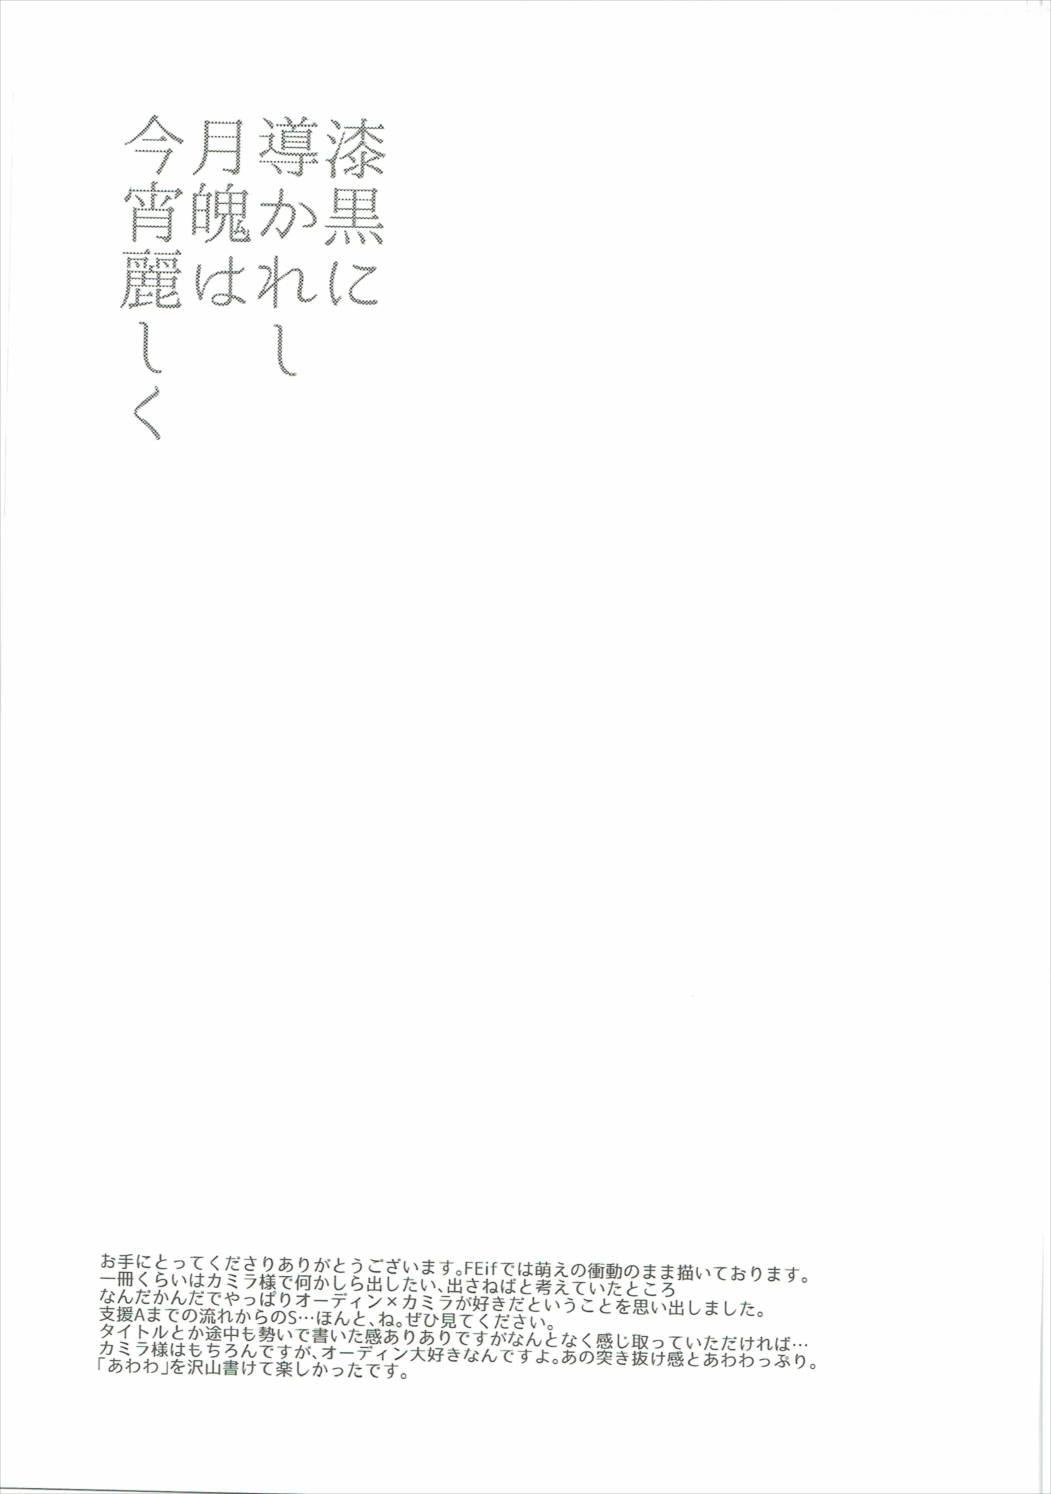 Hình ảnh  in Shikkoku ni Michibikareshi Geppaku wa Koyoi Uruwashiku